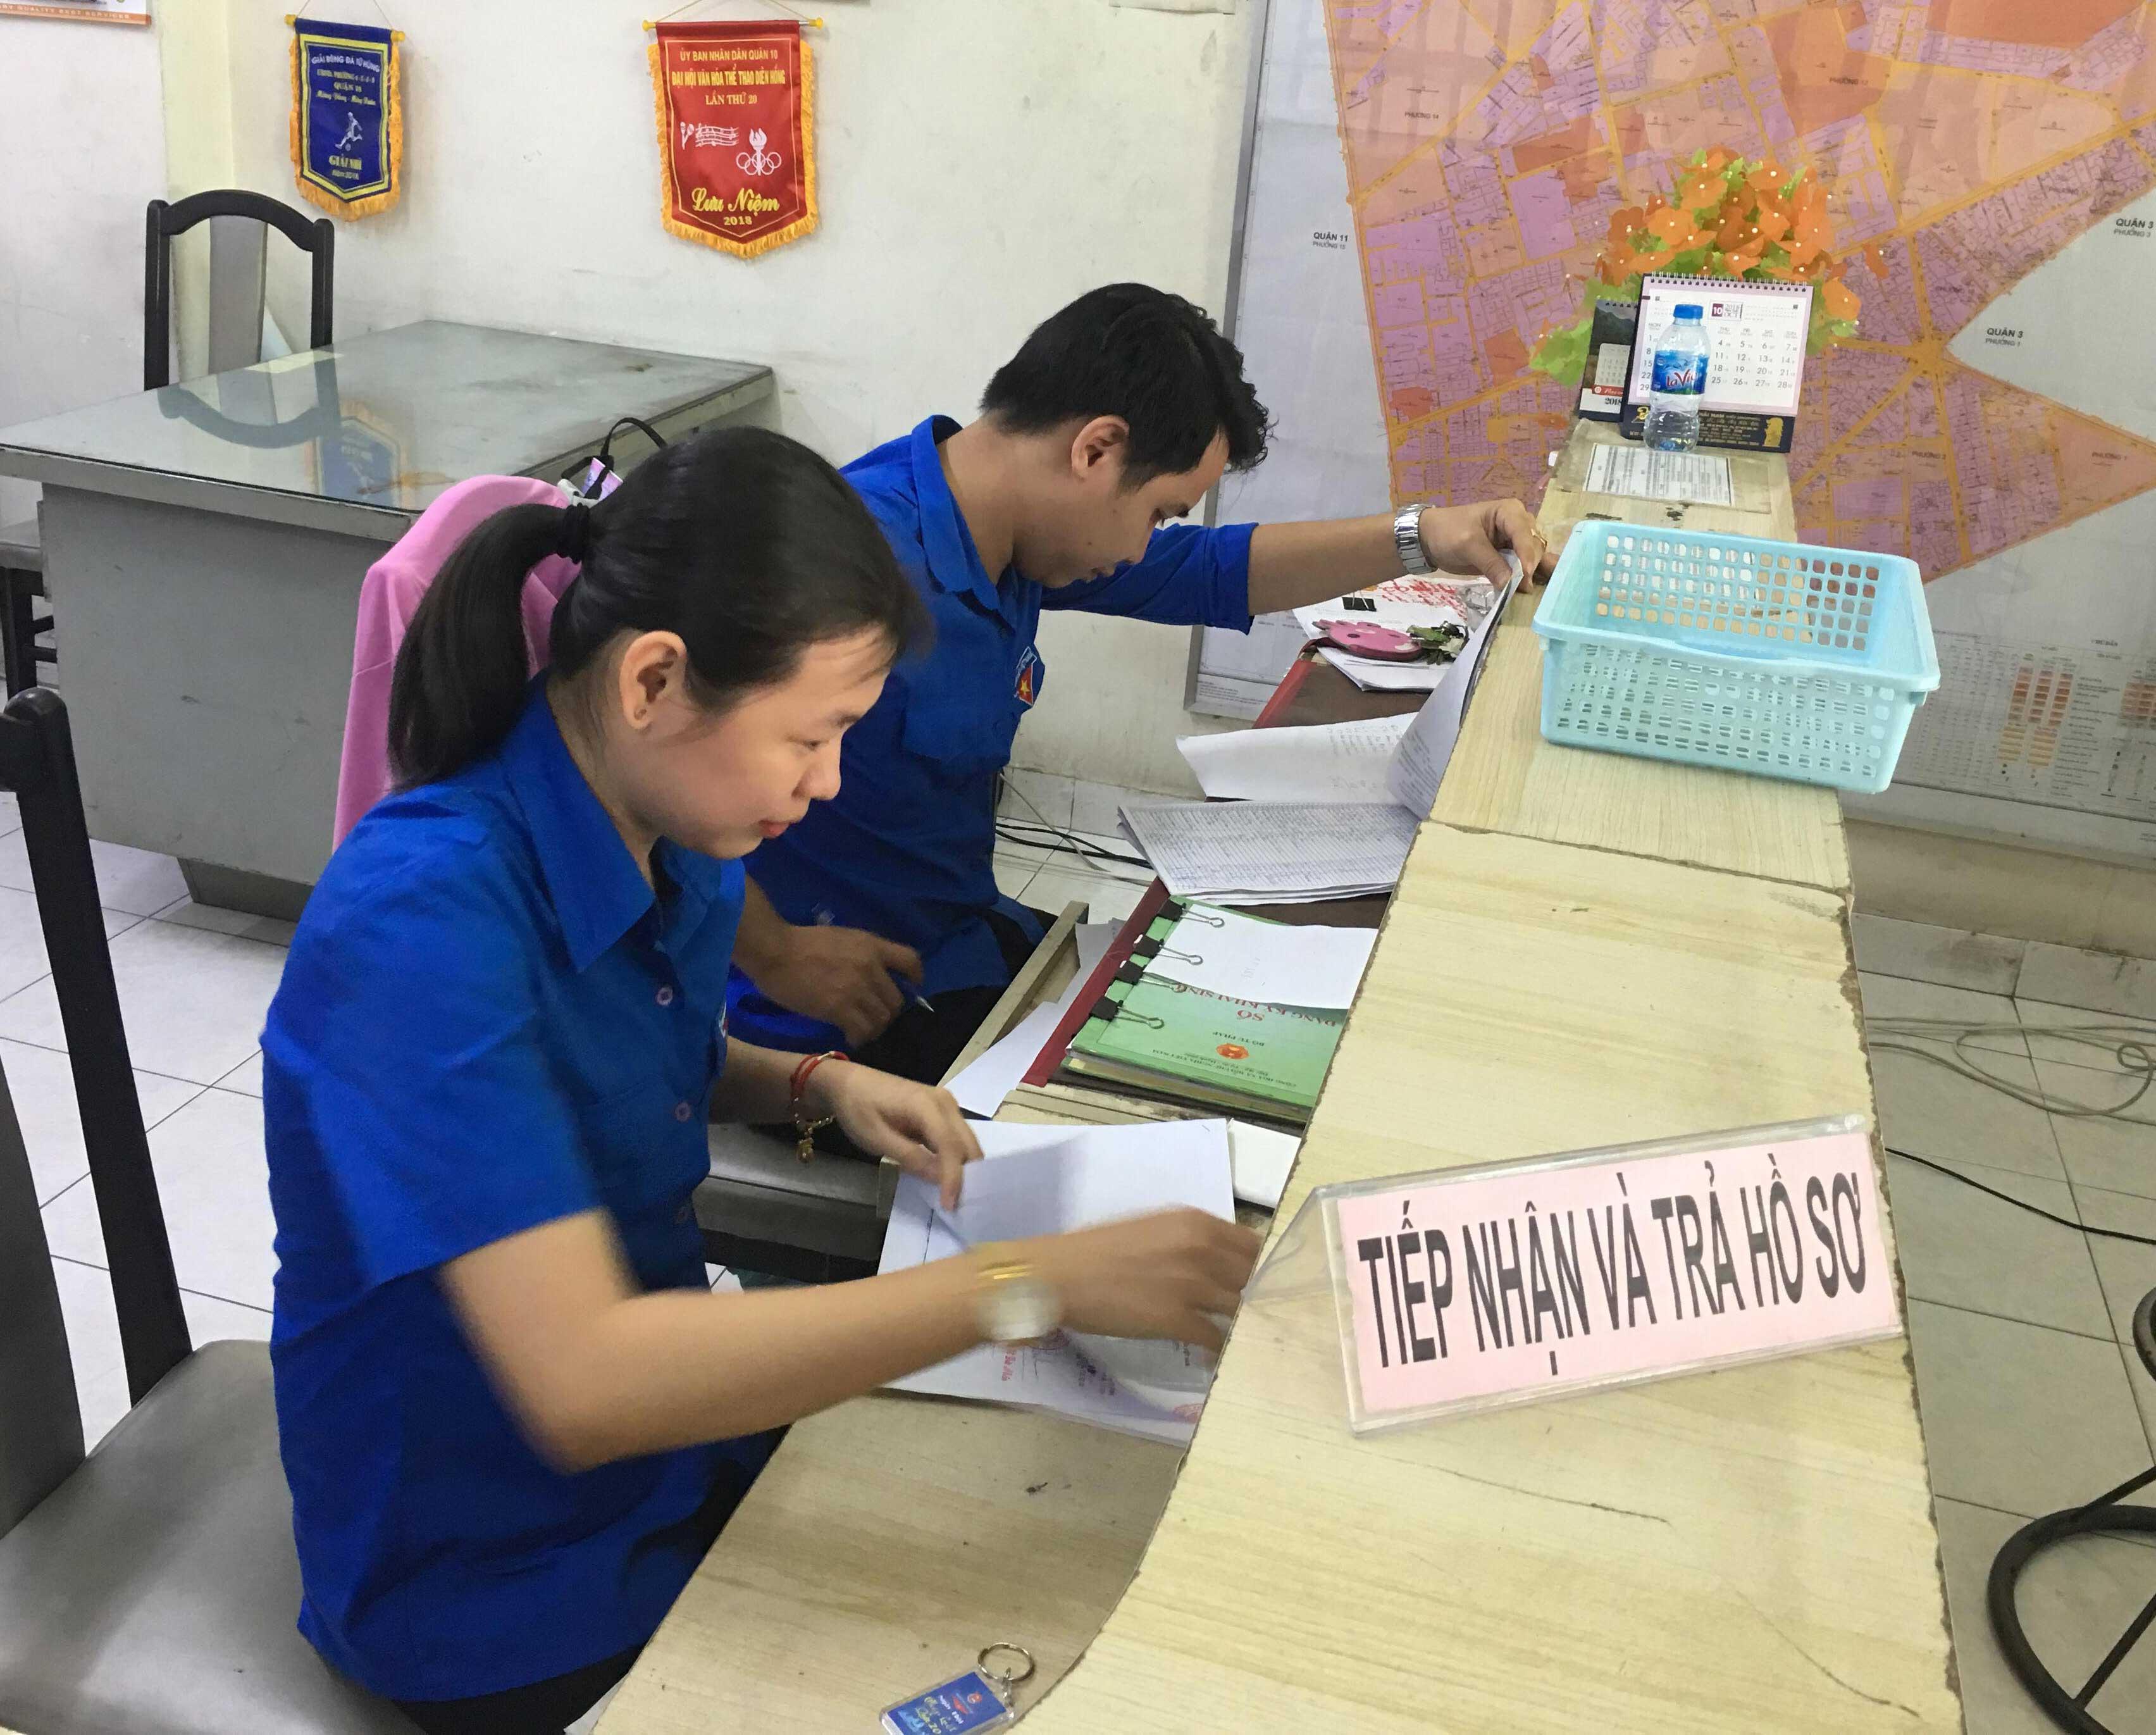 Ngày thứ bảy tình nguyện giải quyết thủ tục hành chính